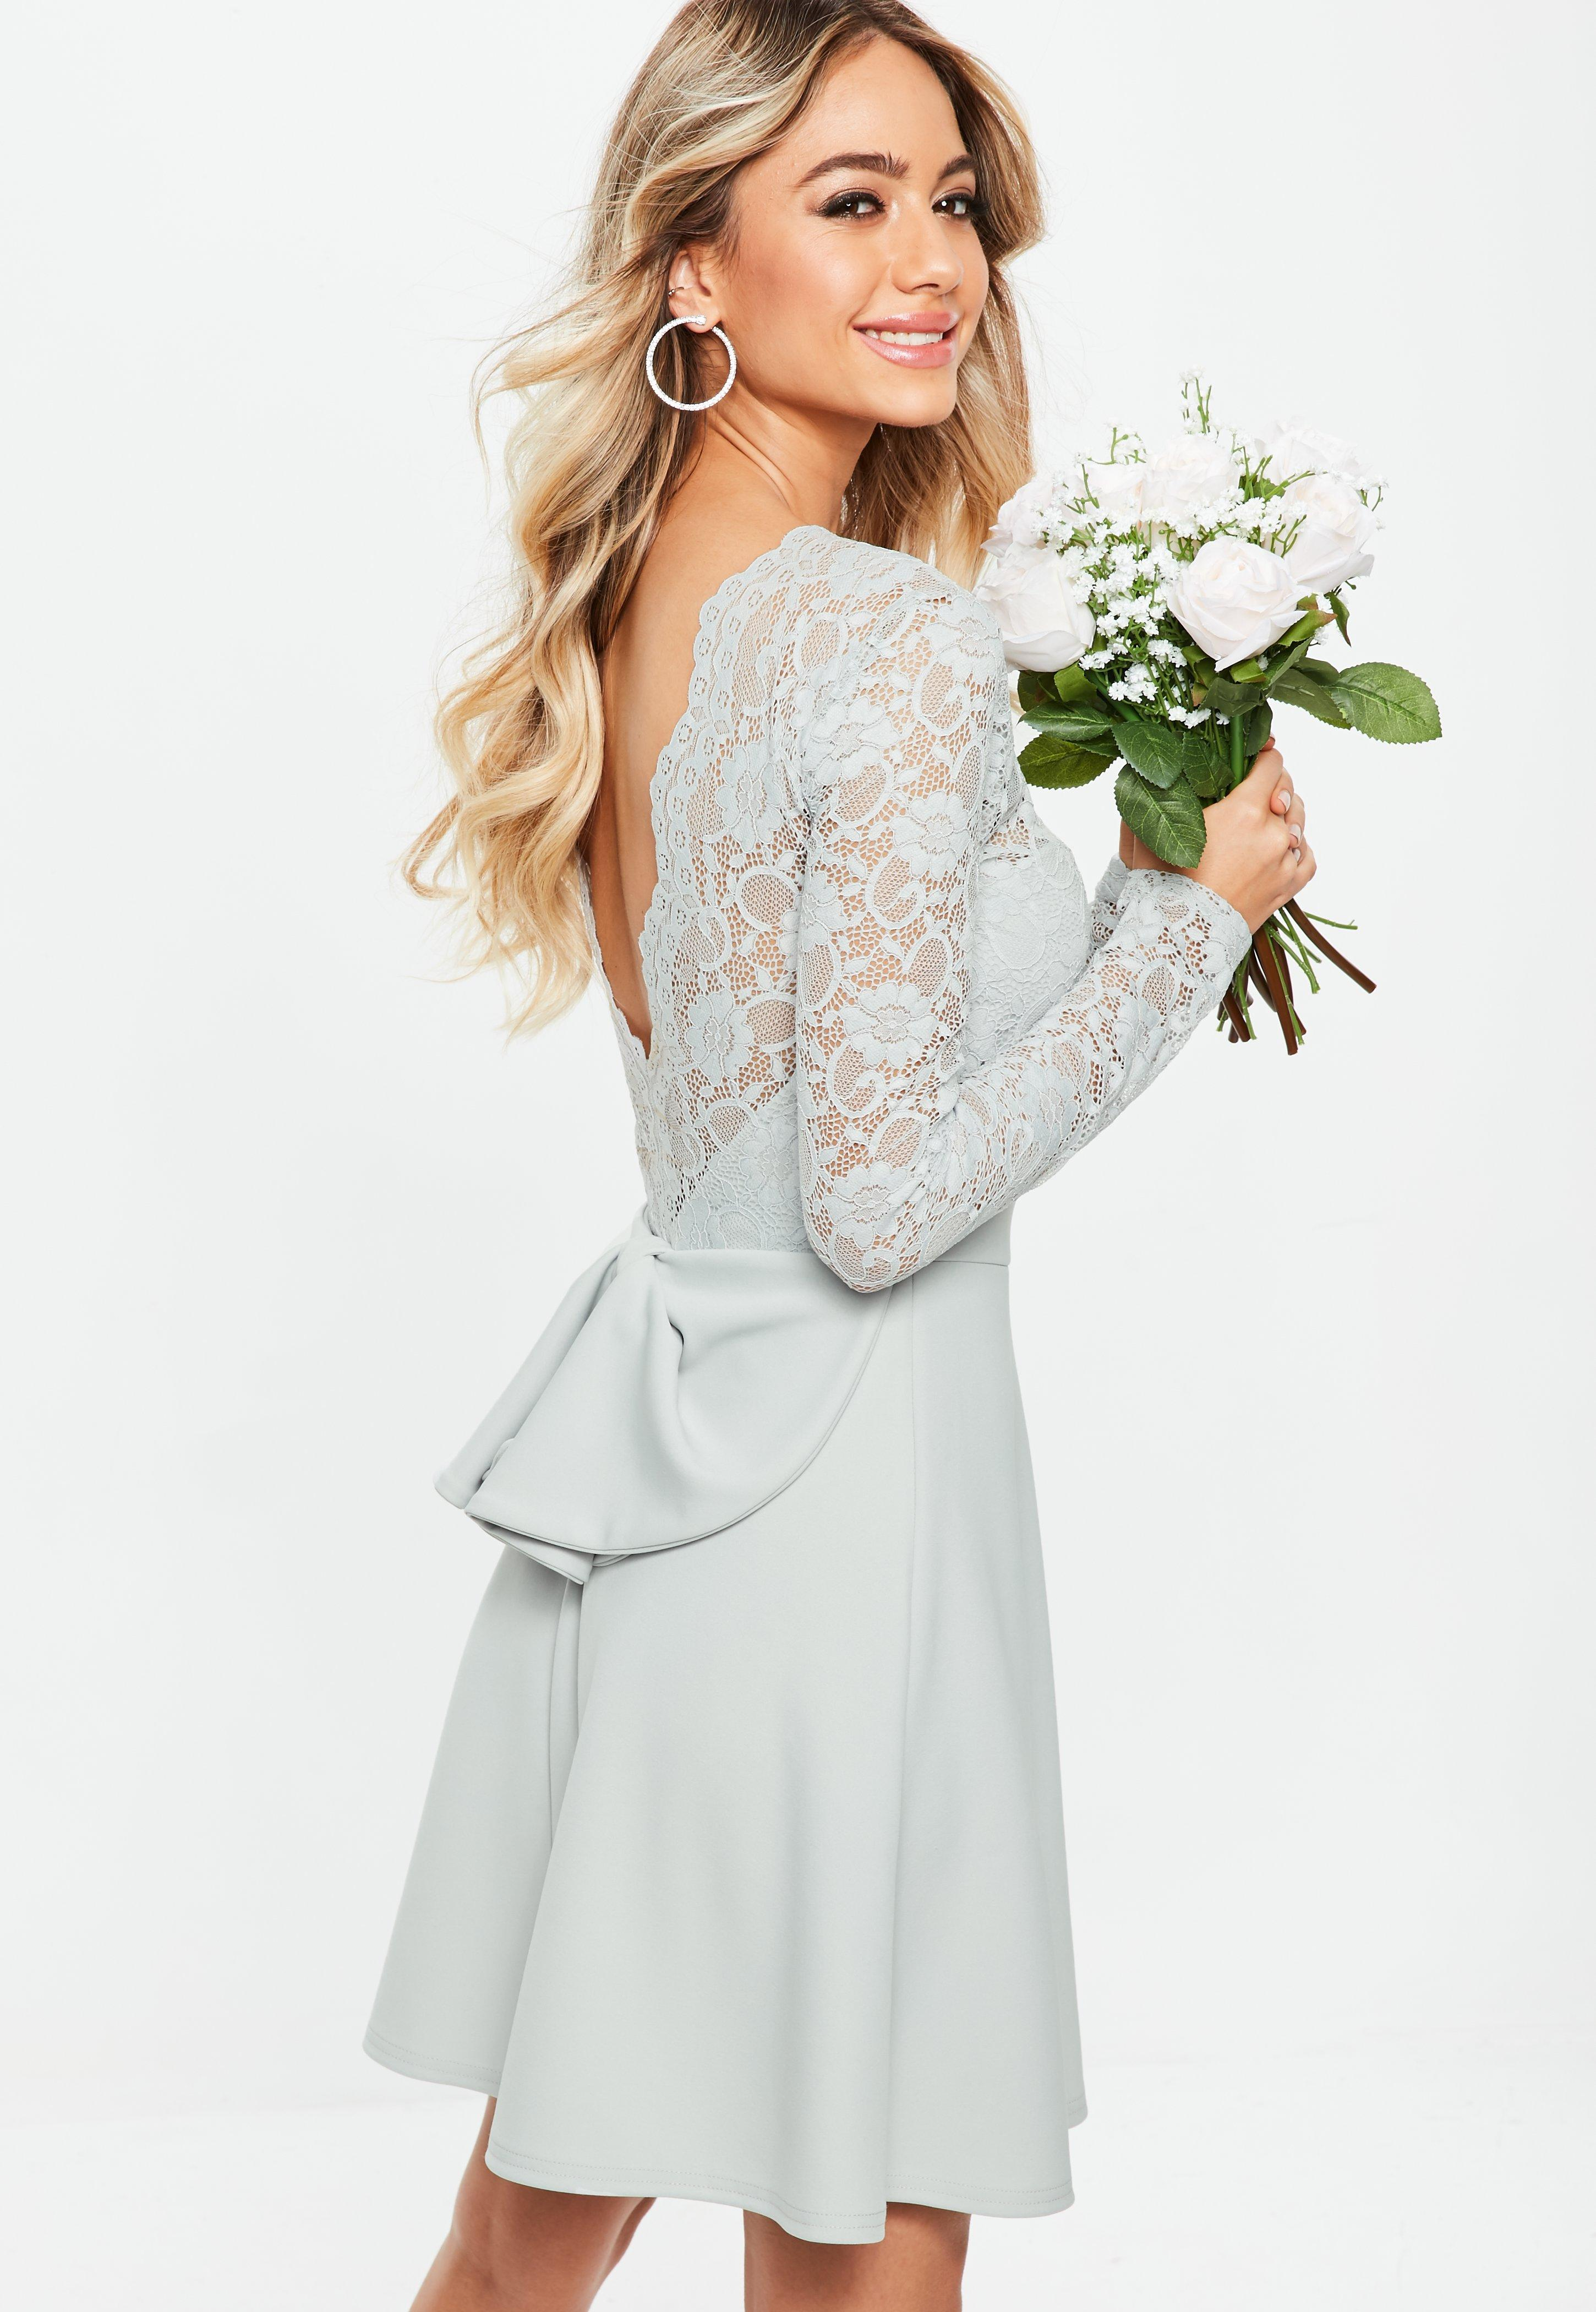 Großzügig Grau Prickelnde Brautjunferkleider Bilder - Brautkleider ...